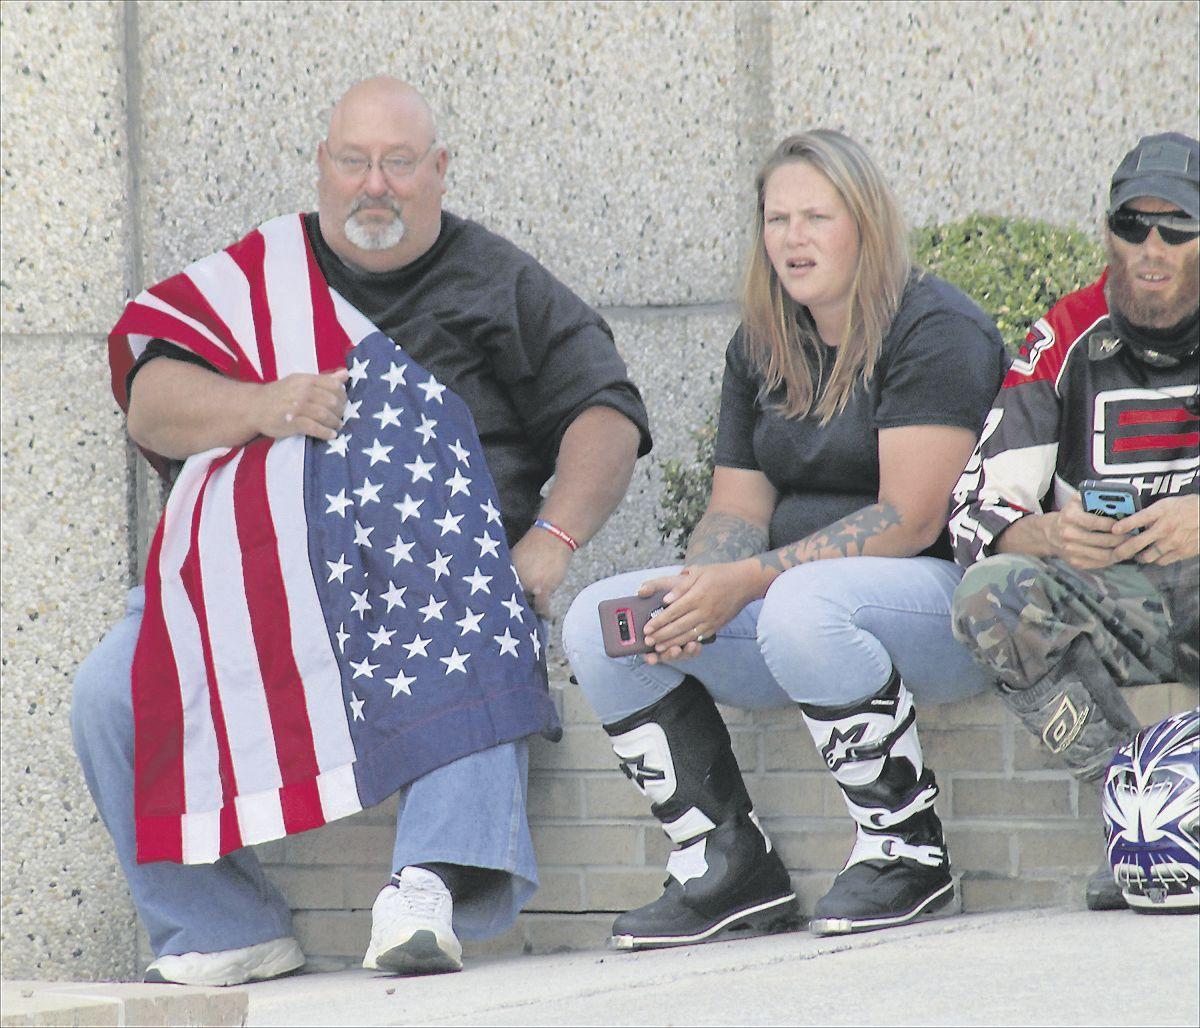 Man wearing flag